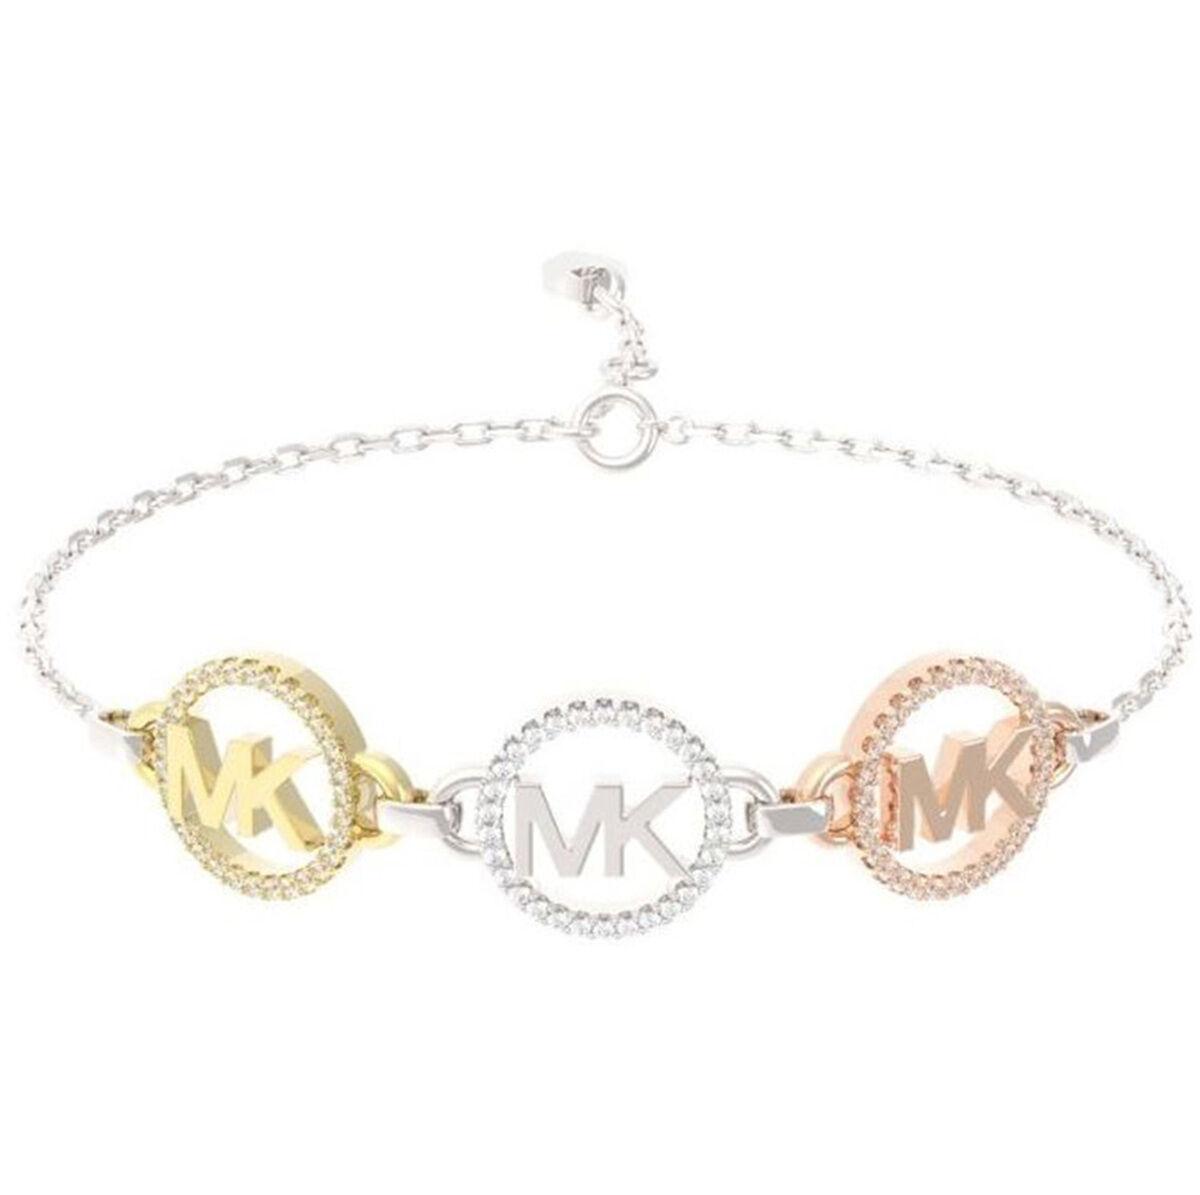 Michael Kors Damen Armband Premium MKC1245AN998, 925er Silber